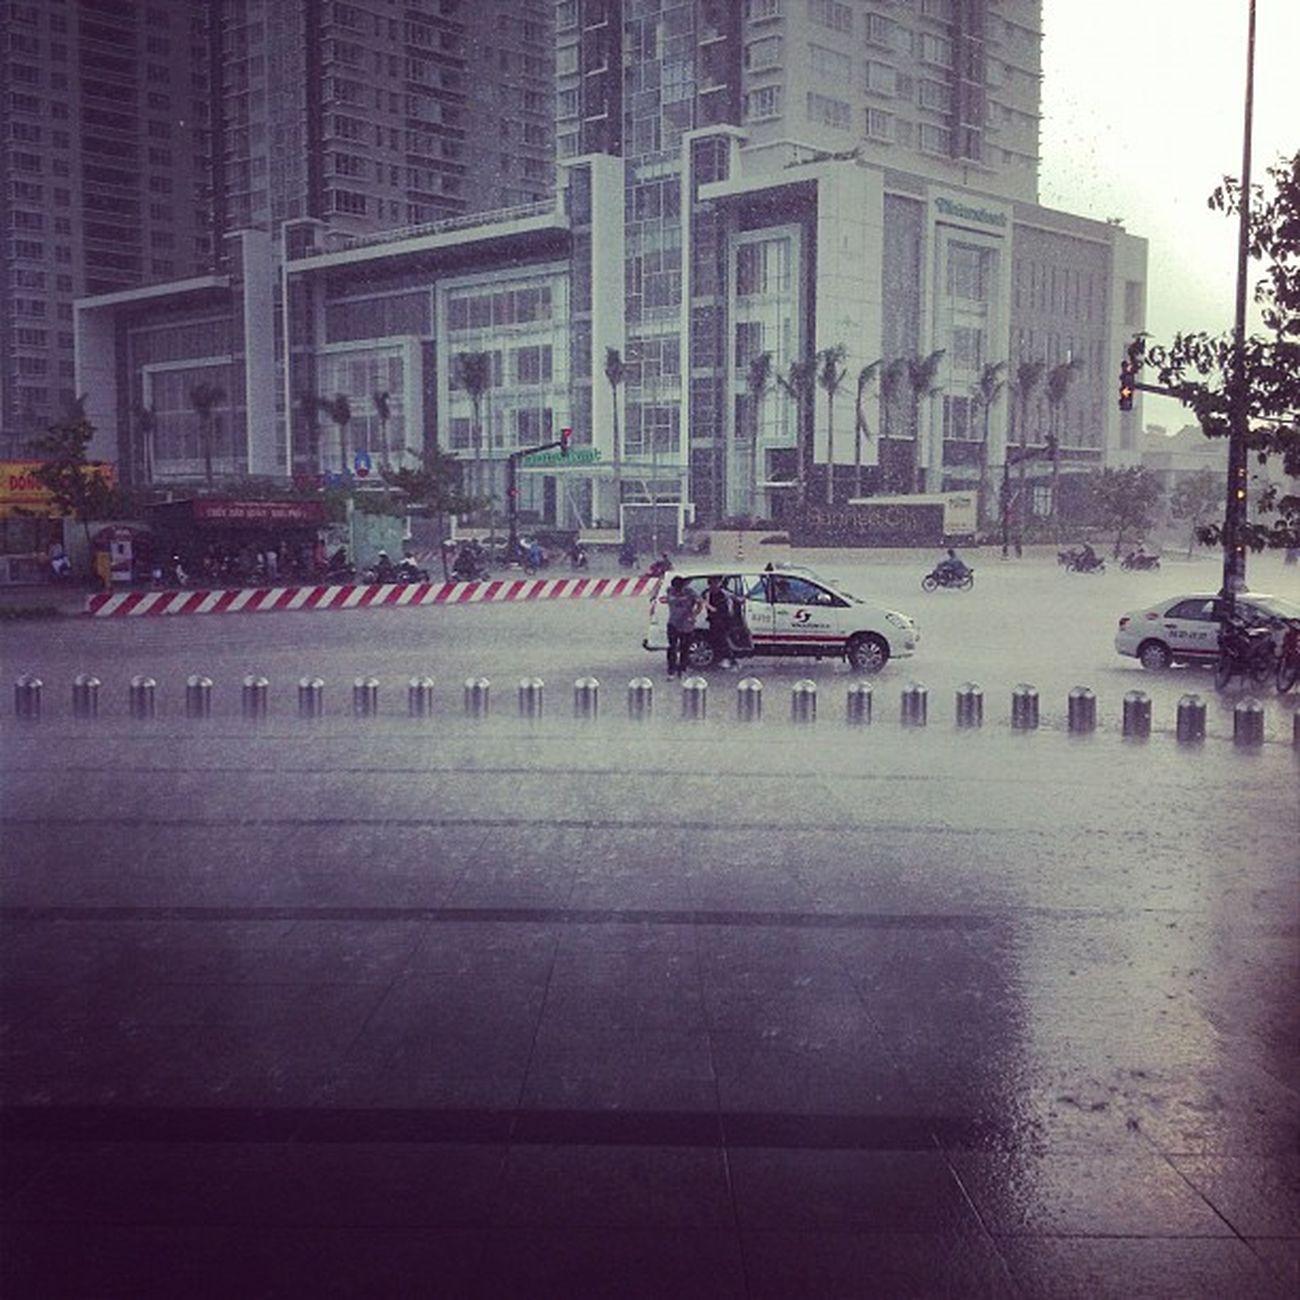 Và cơn mưa lại bắt đầu...